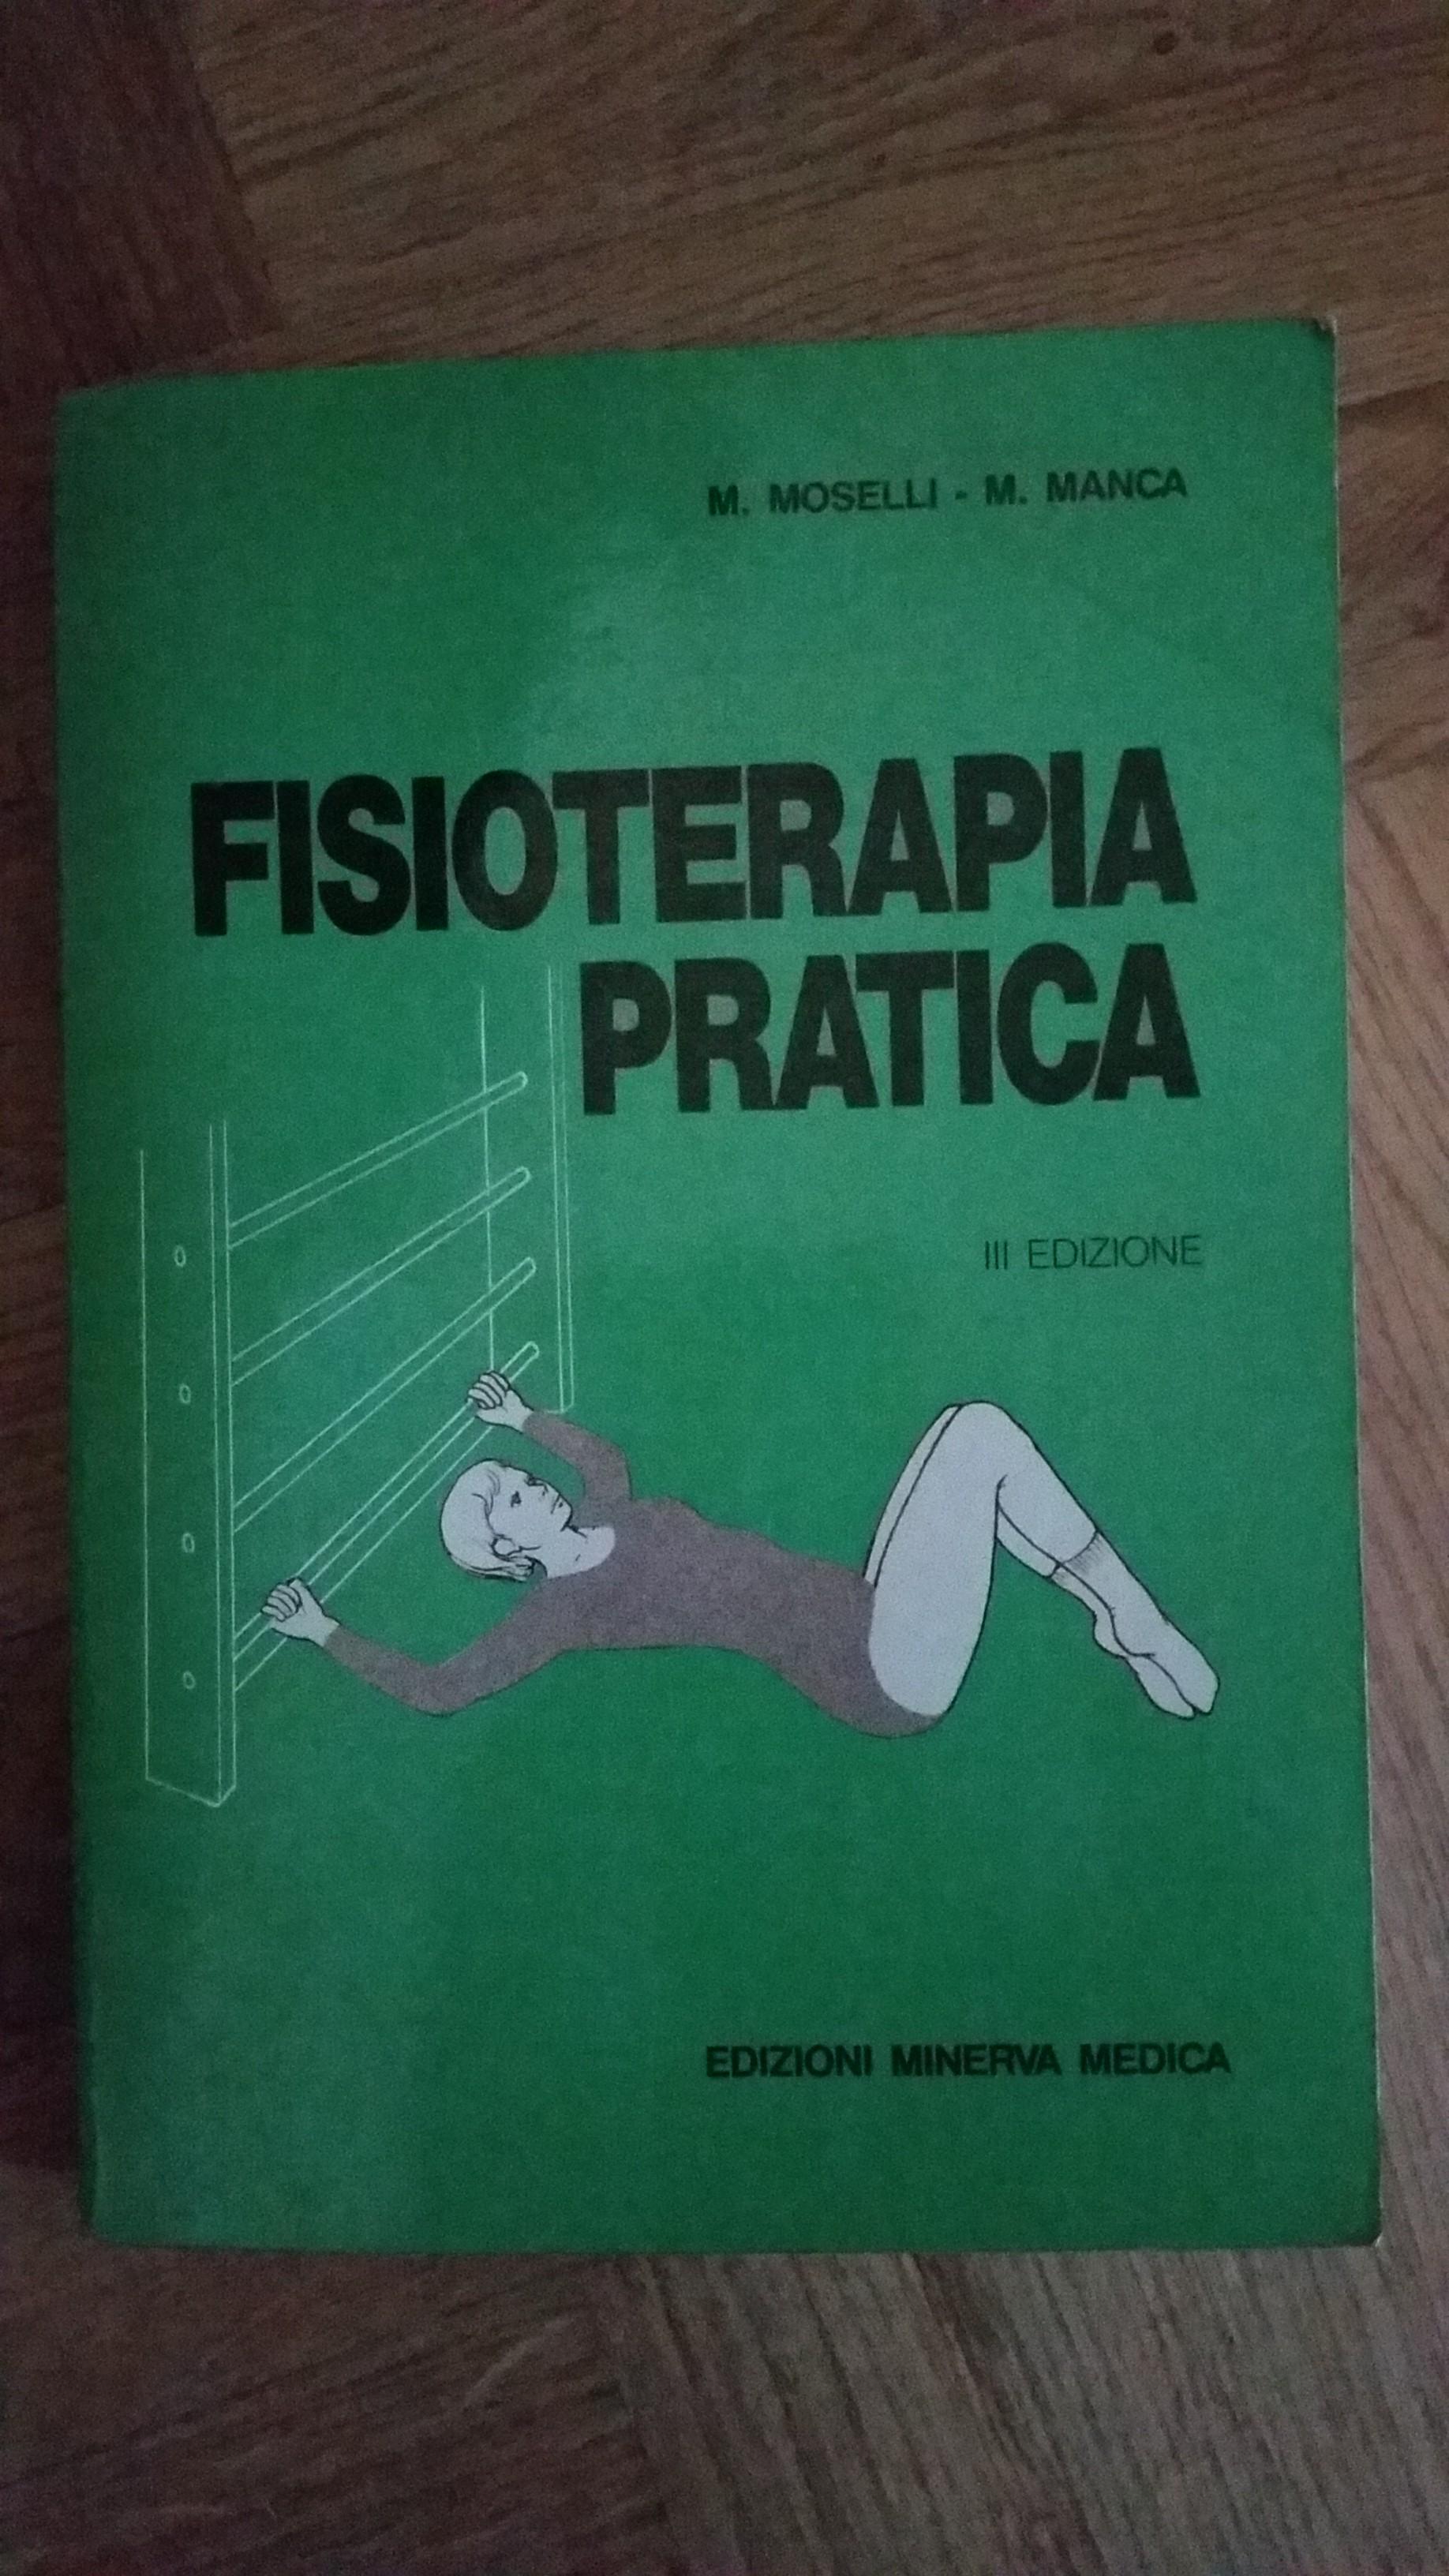 Fisioterapia pratica